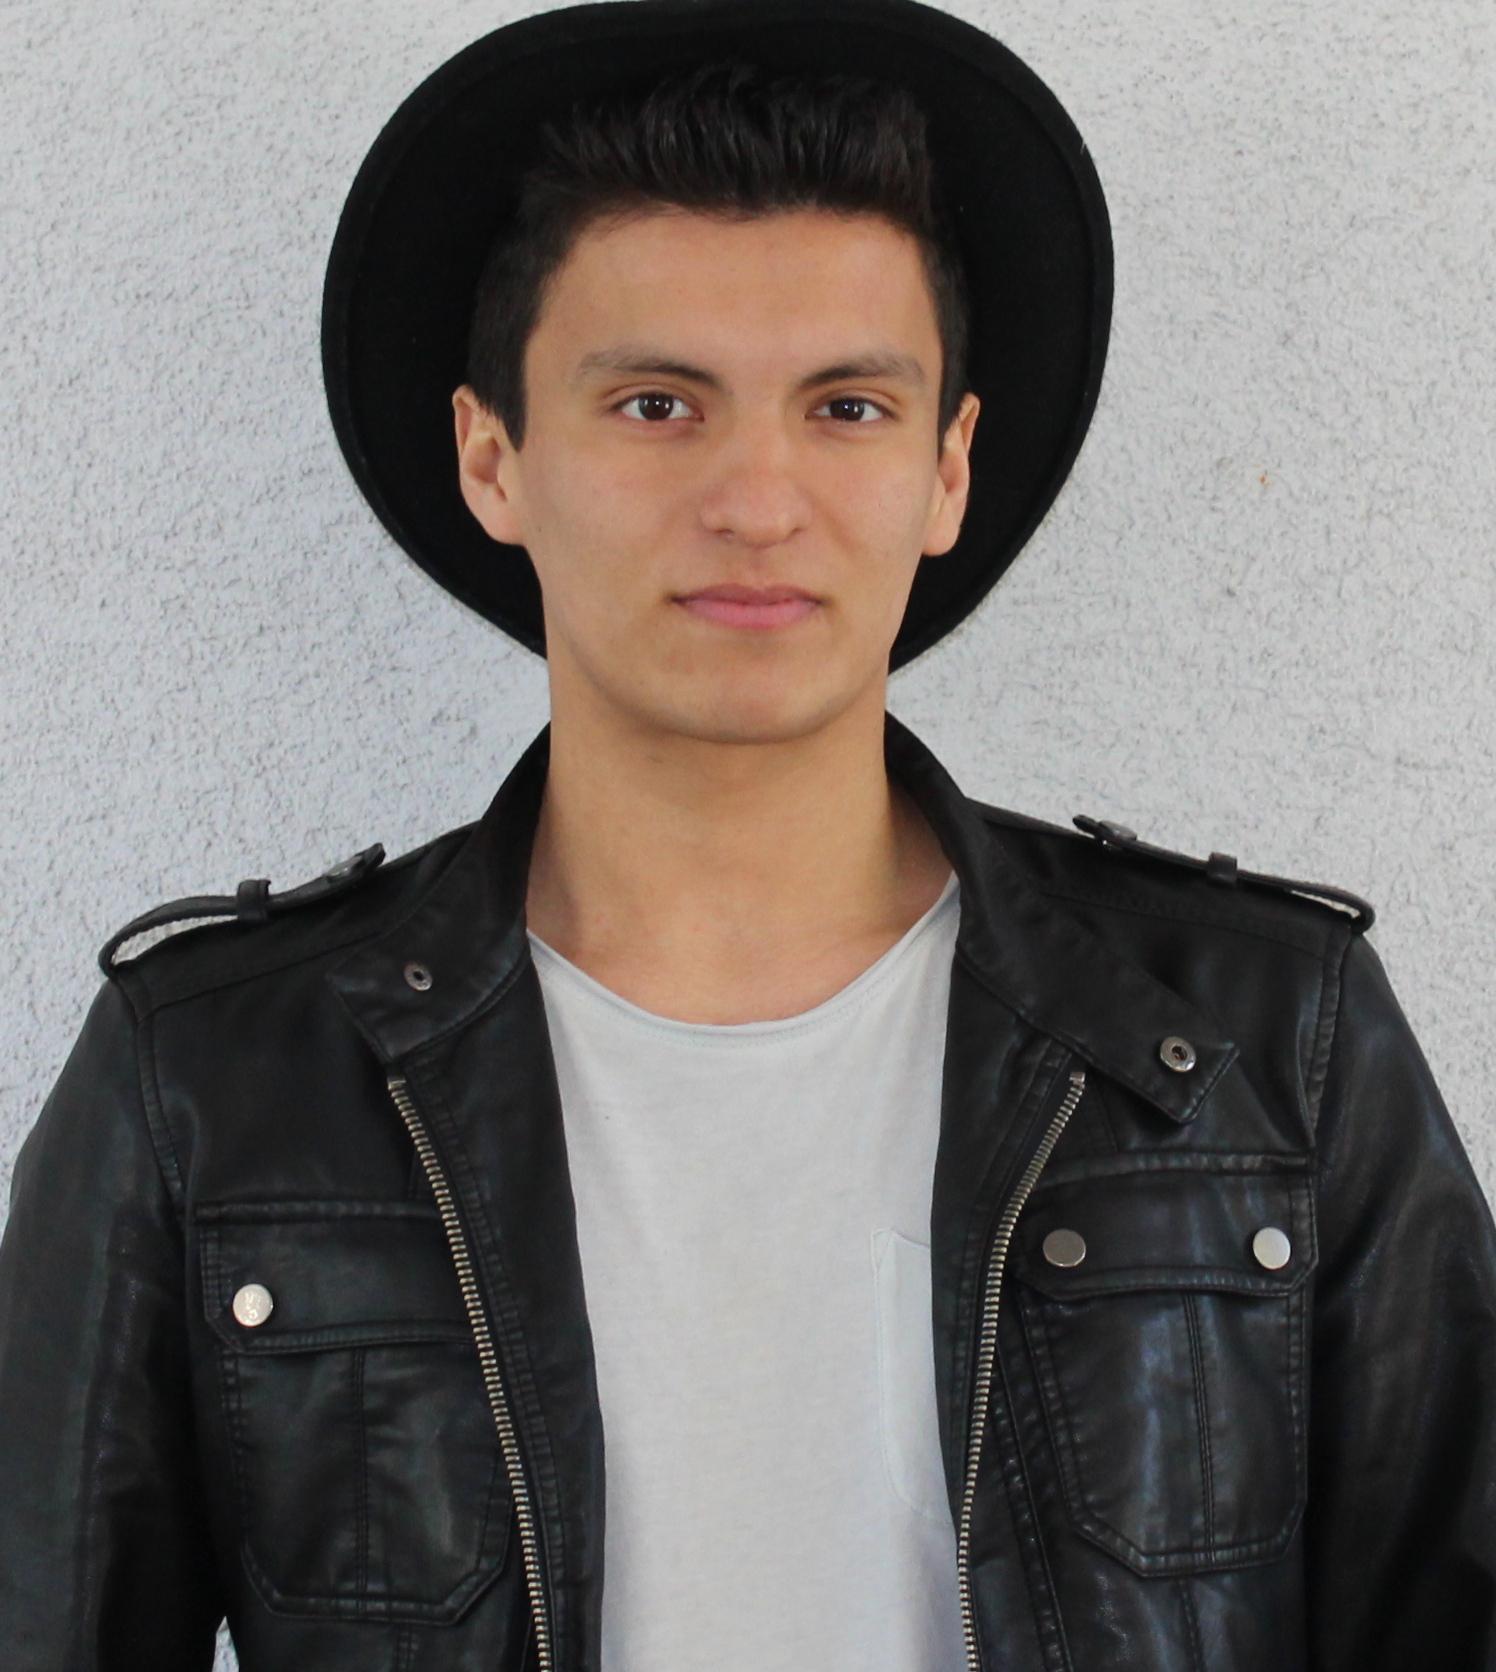 Jawad Raipoo